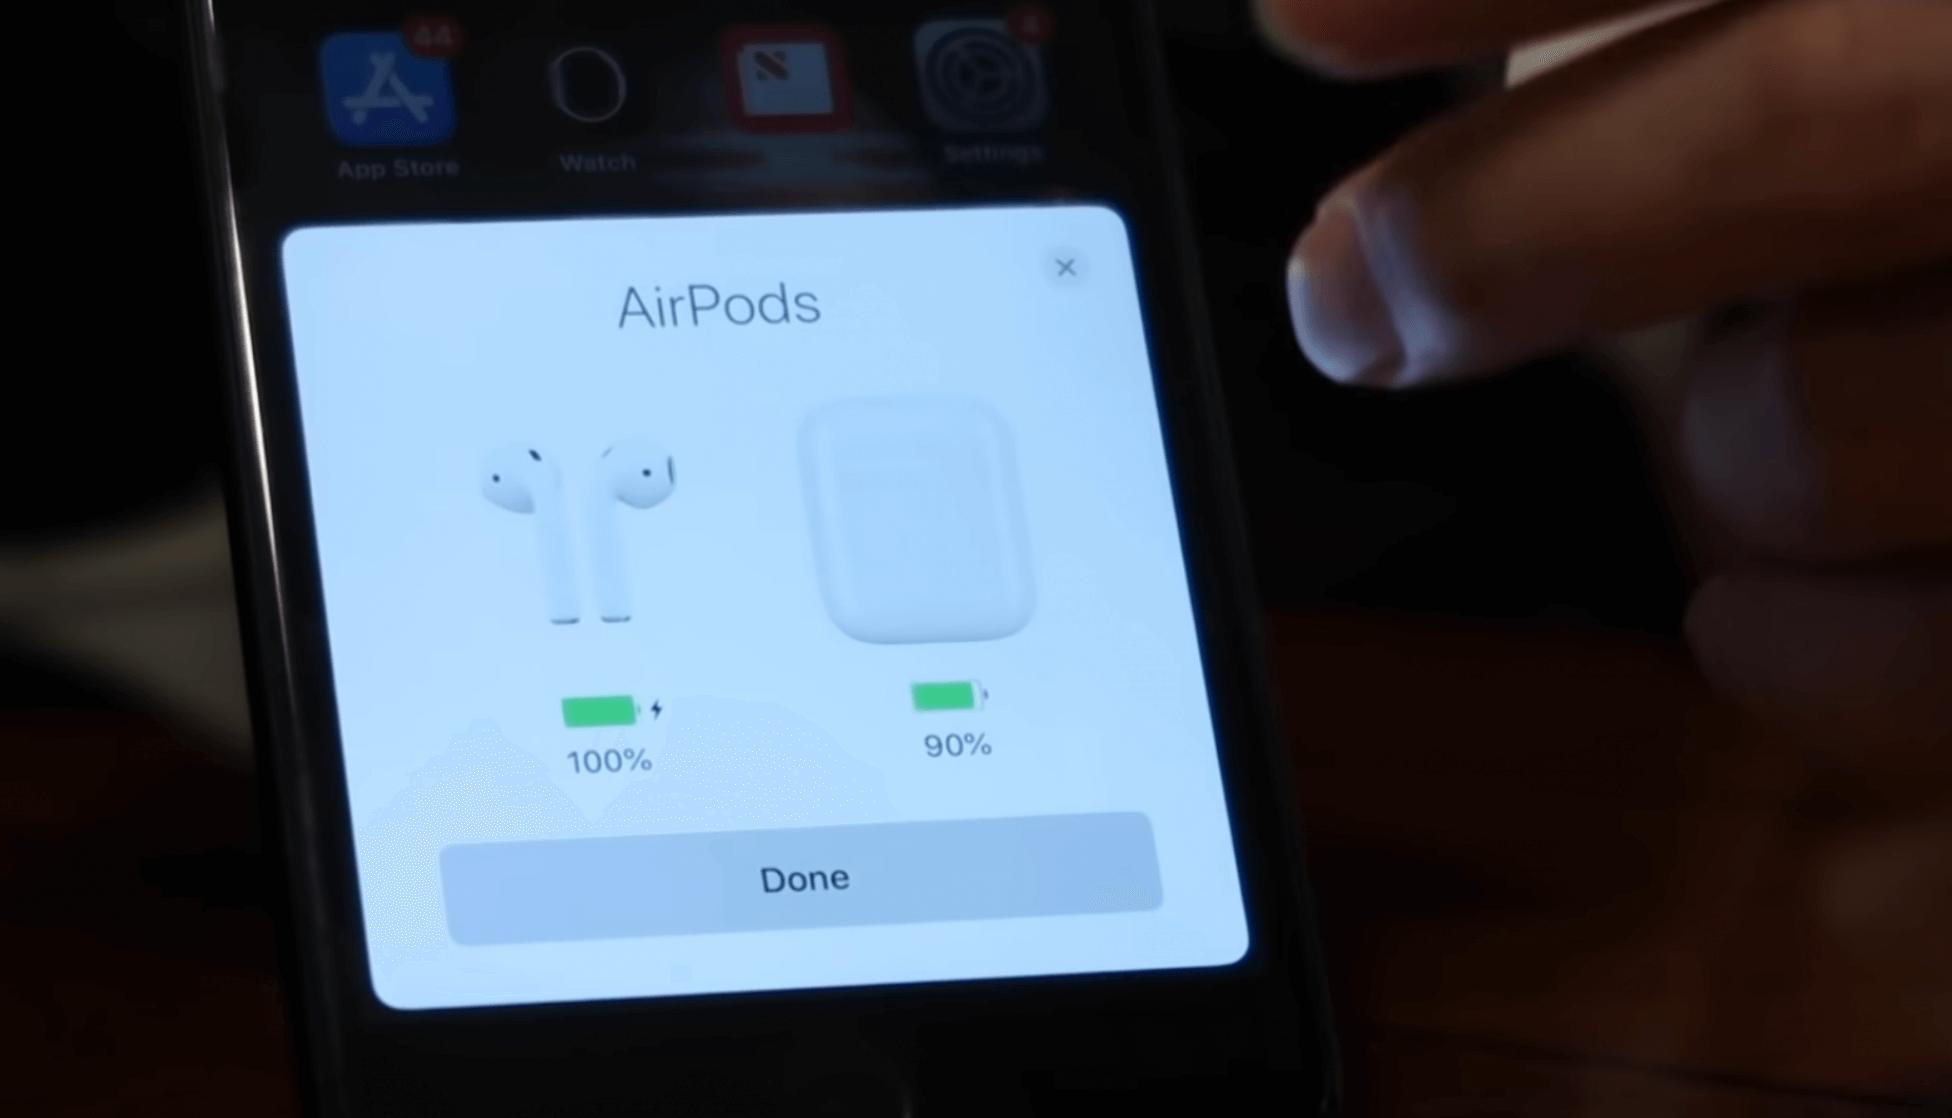 подключение AirPods